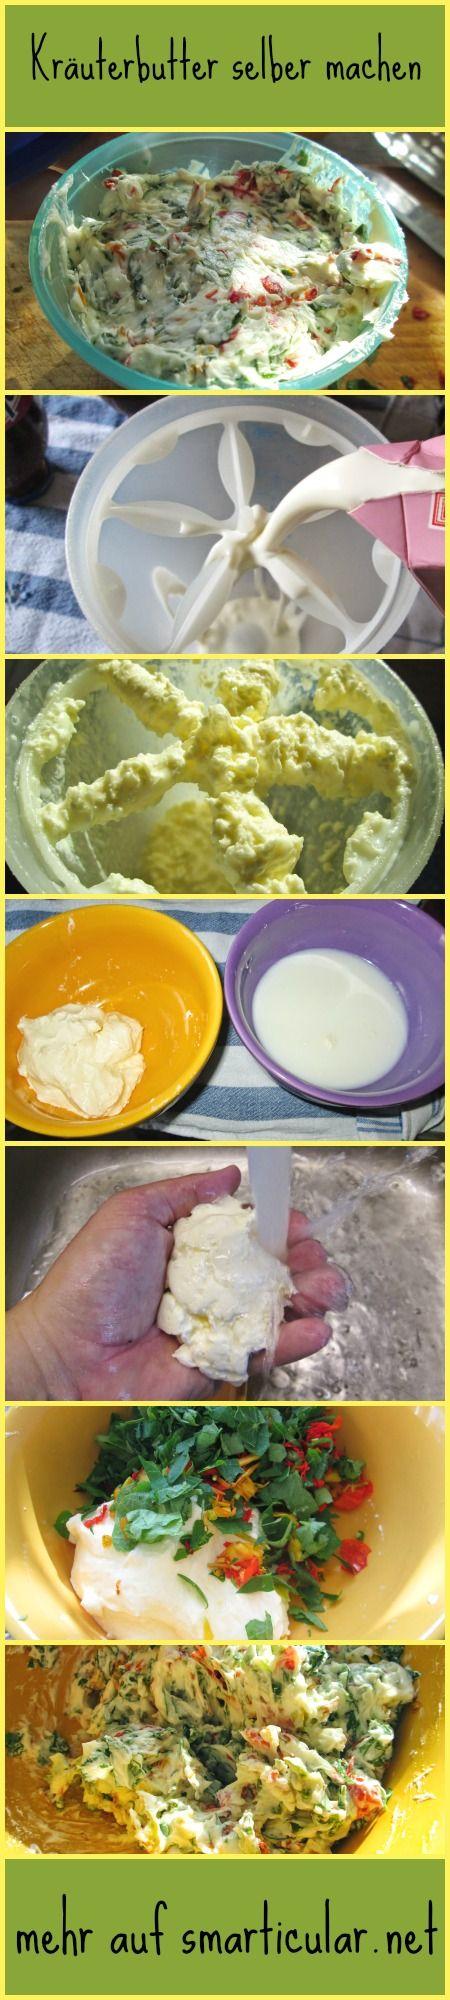 Butter ist sehr einfach selber hergestellt und mit ein paar feinen Kräutern und Salz hast du im Handumdrehen auch deine eigene Kräuterbutter. Wir zeigen wie